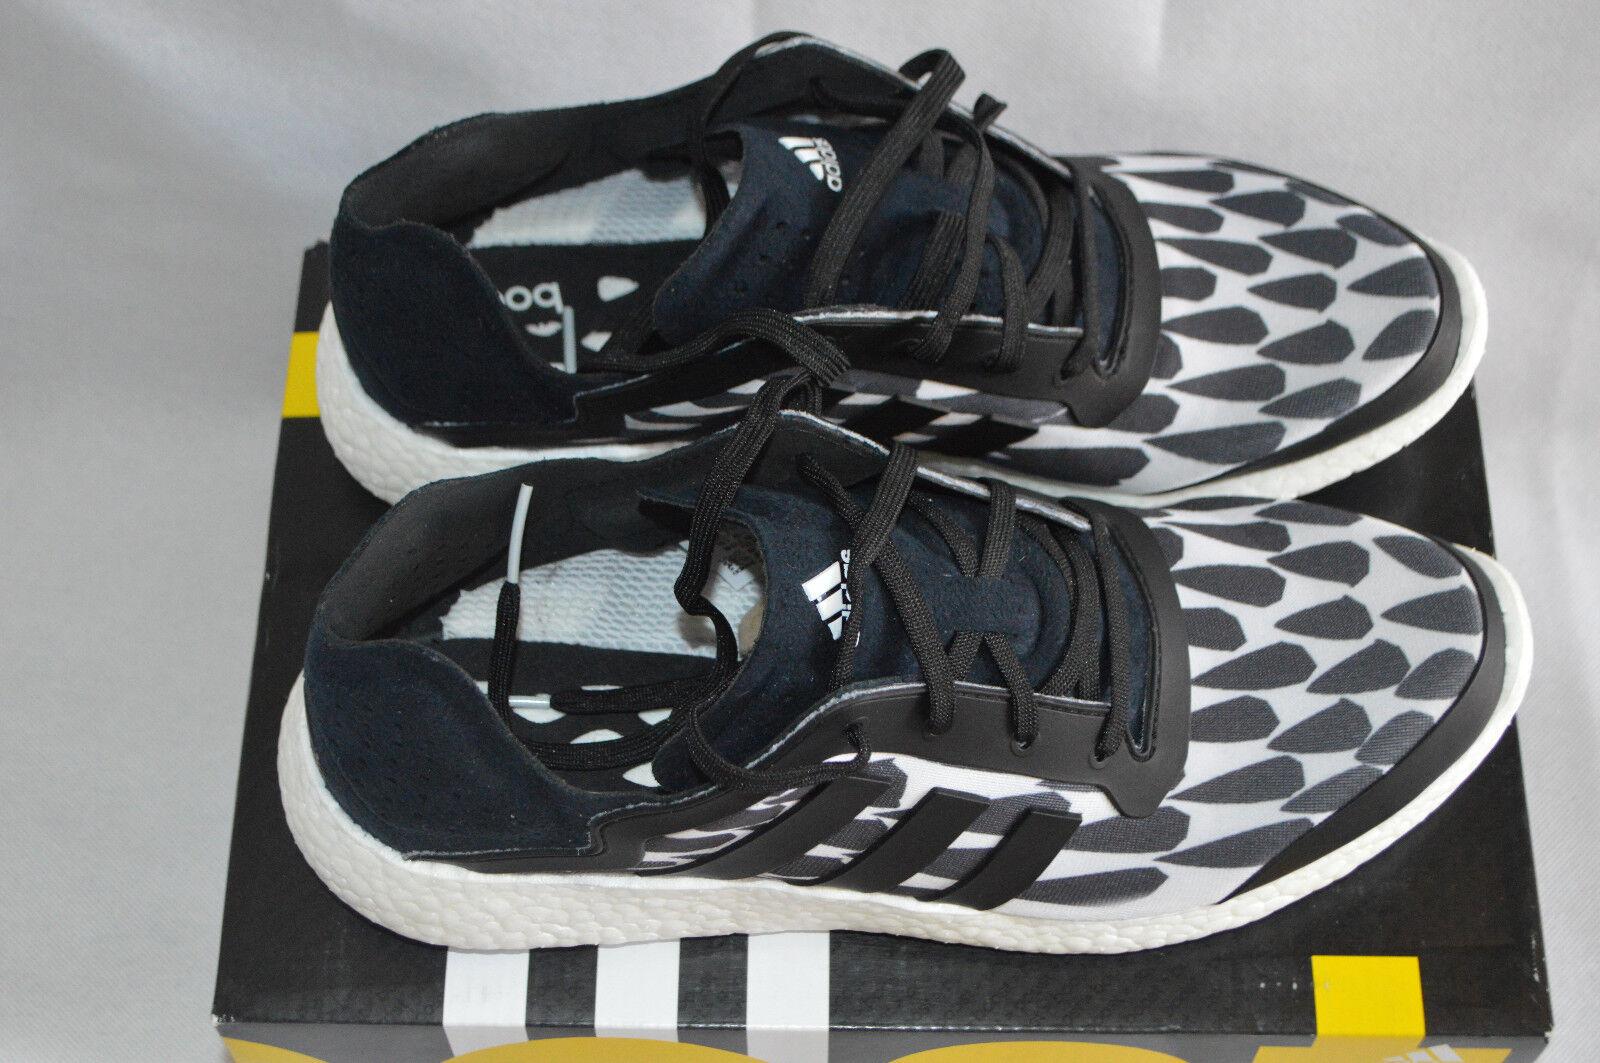 Adidas Homme Pure Bottes   Battle Pack Brazil Blanc/Noir Trainers M21891